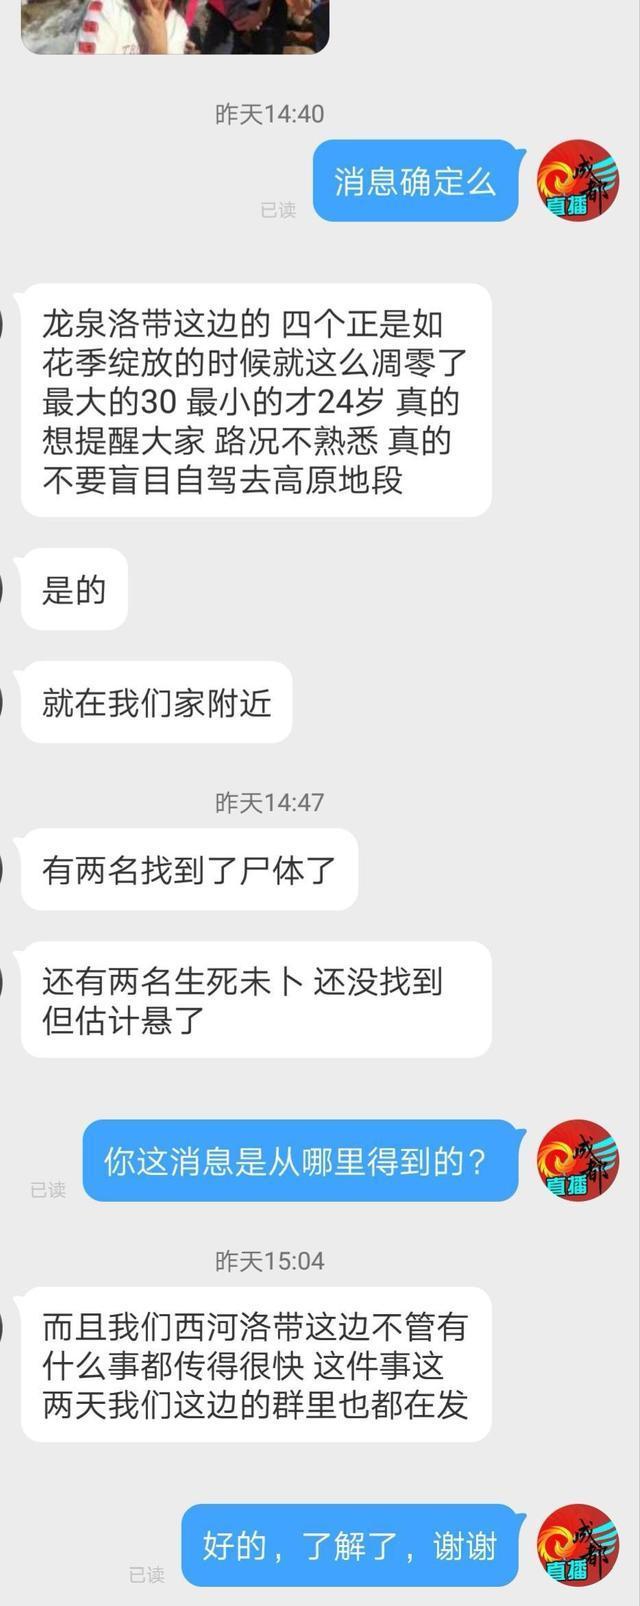 2018年首个川西自驾游悲剧:成都4女孩坠入雅砻江,最小仅24岁!